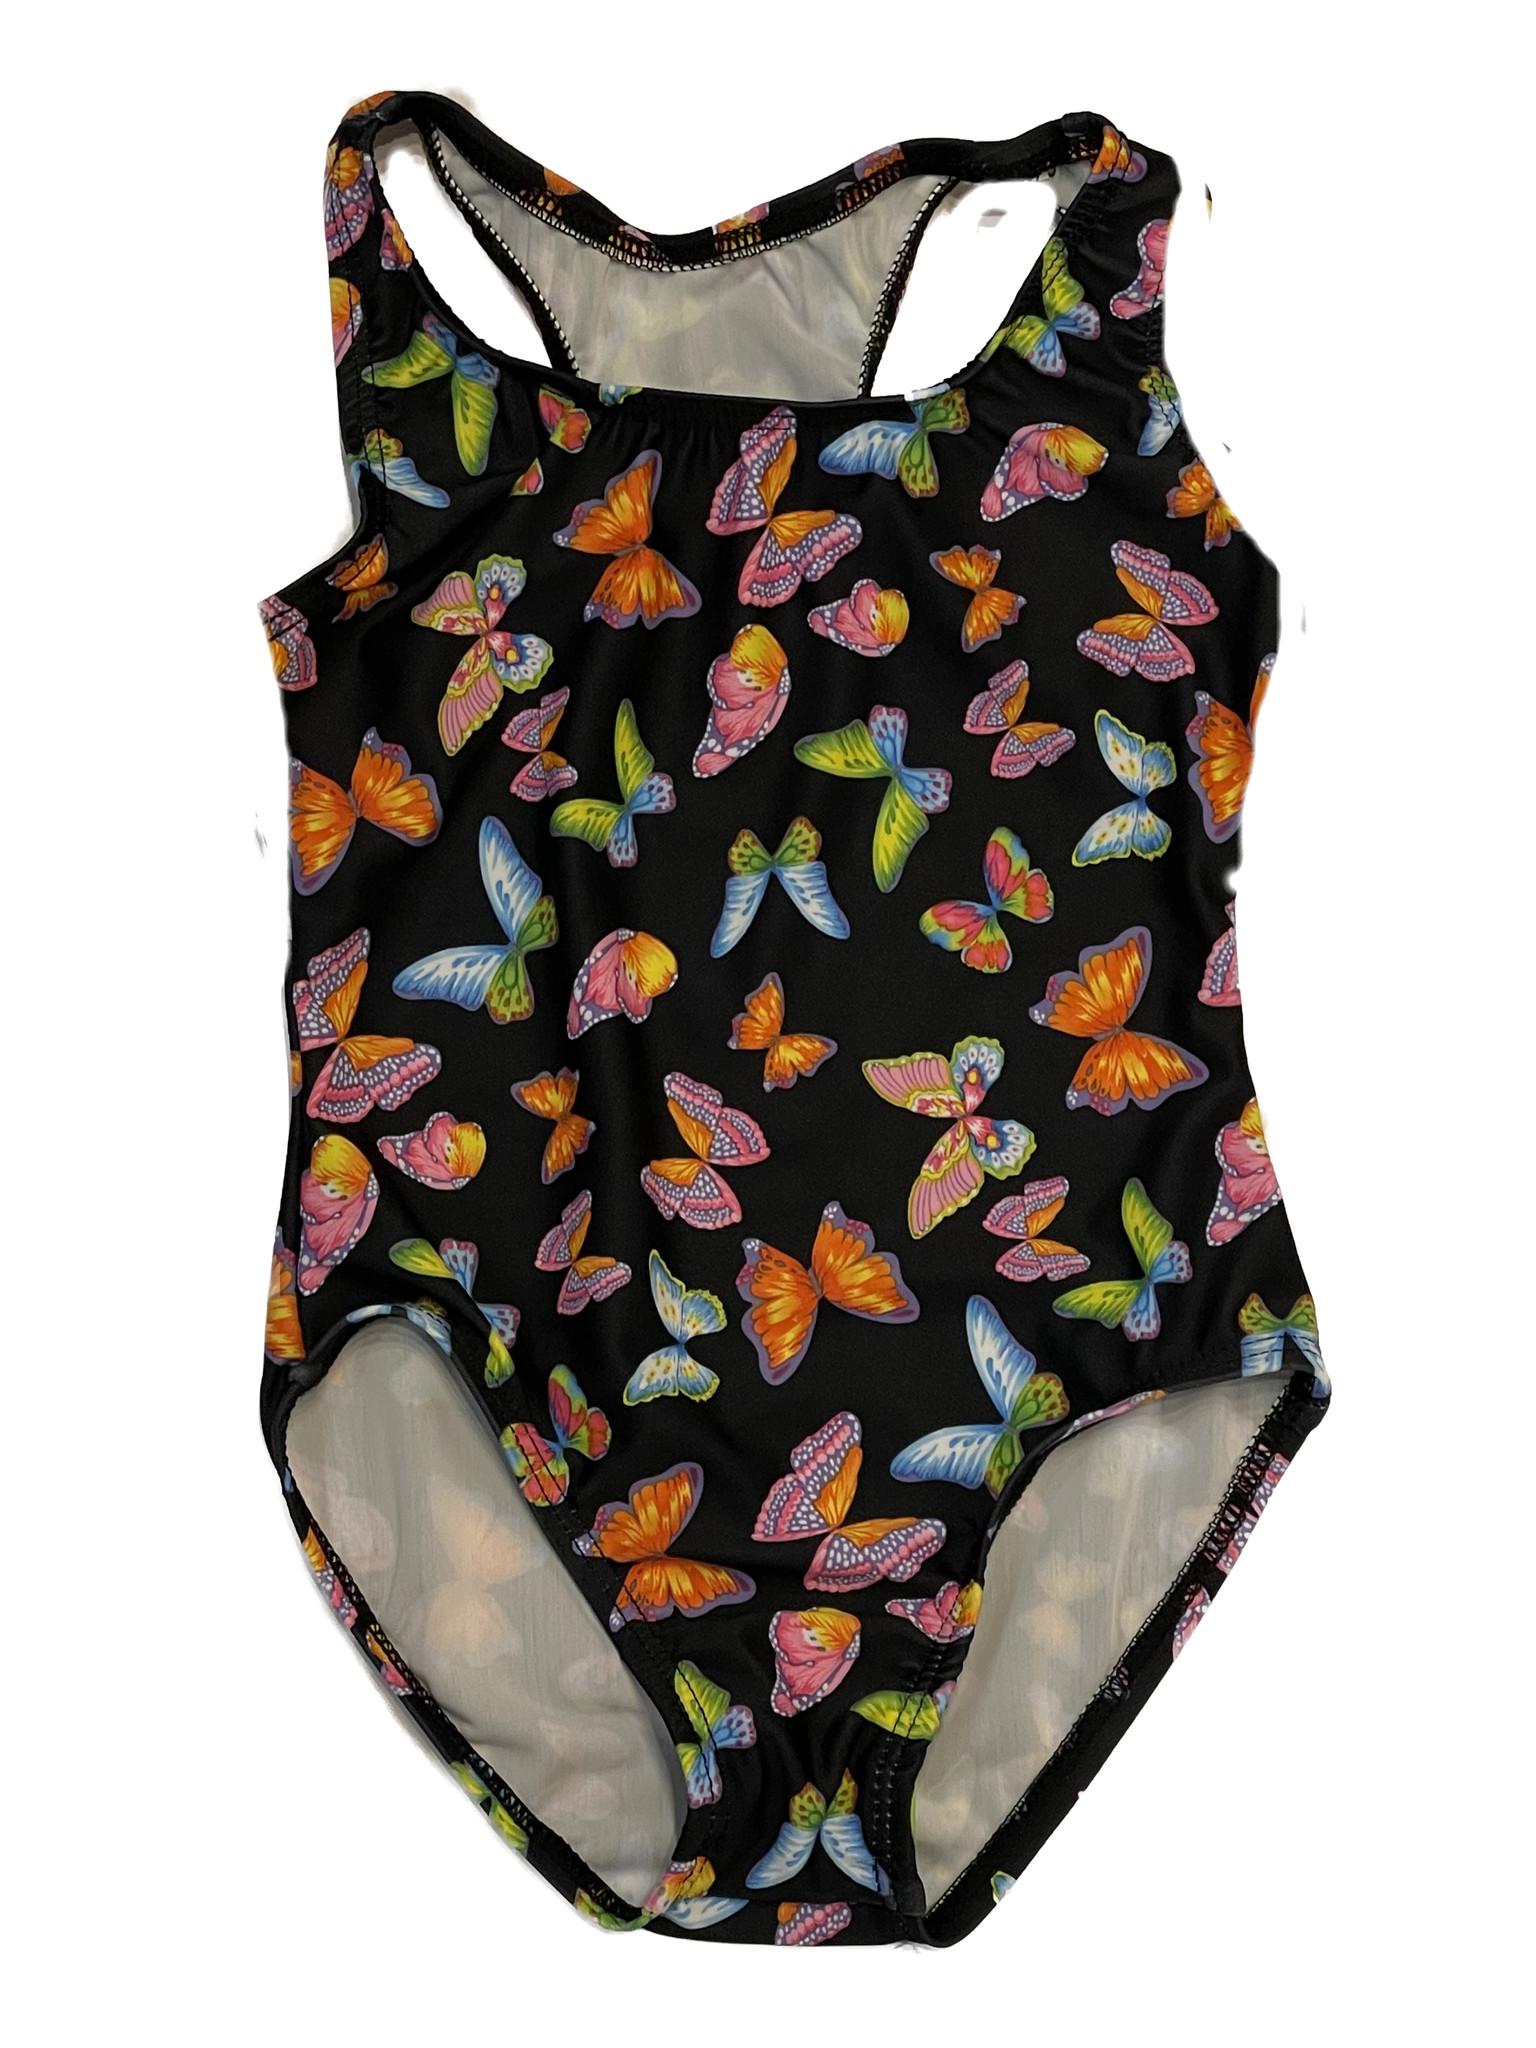 Dori Neon Butterfly Black Swimsuit